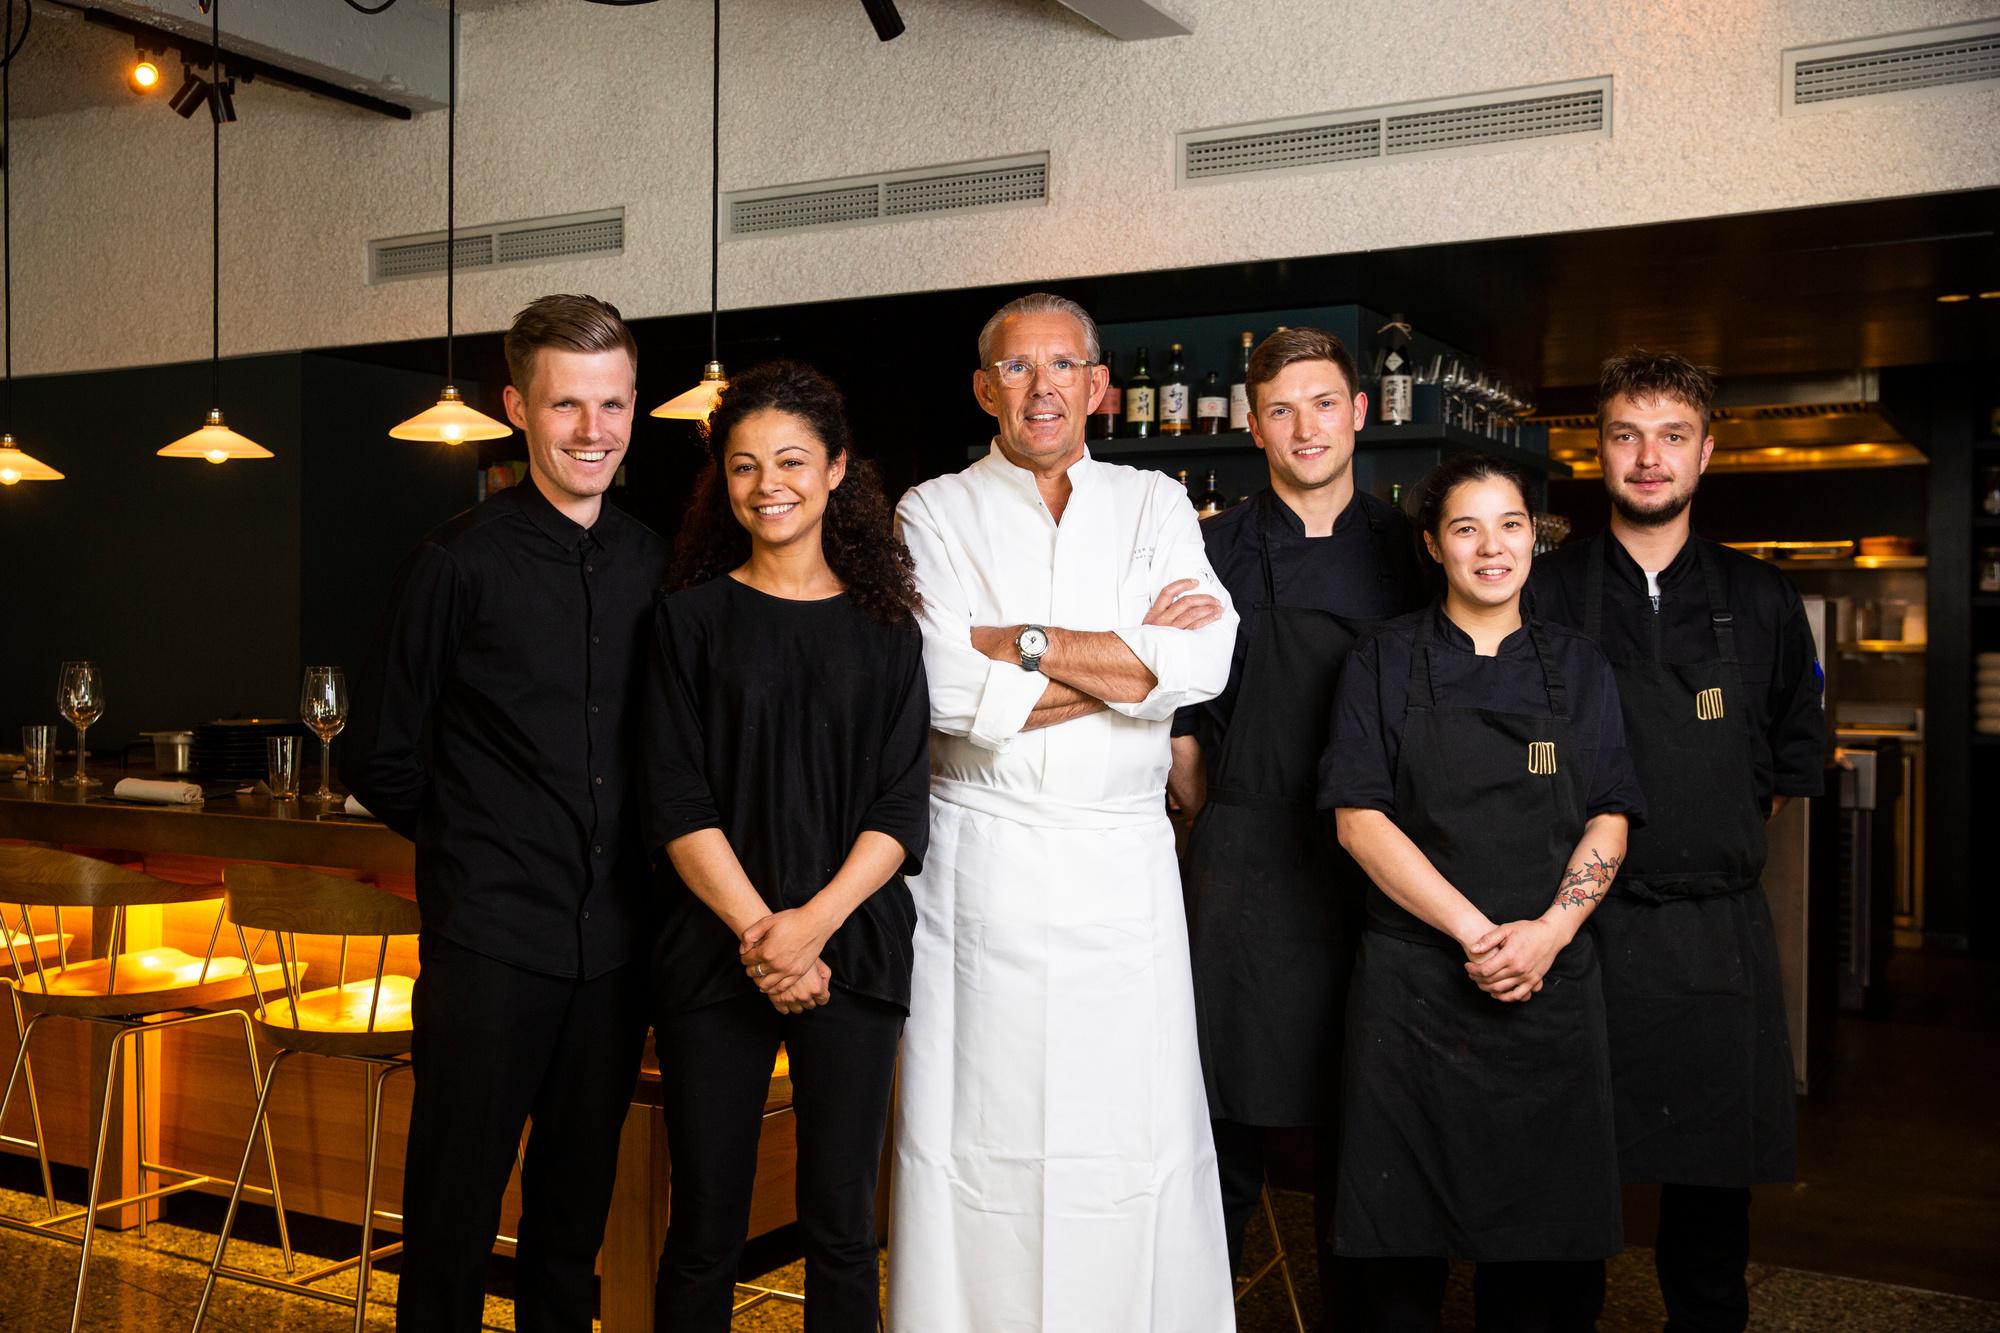 Het team van Dim Dining en driesterrenchef Peter Goossens, Robbie Depuydt